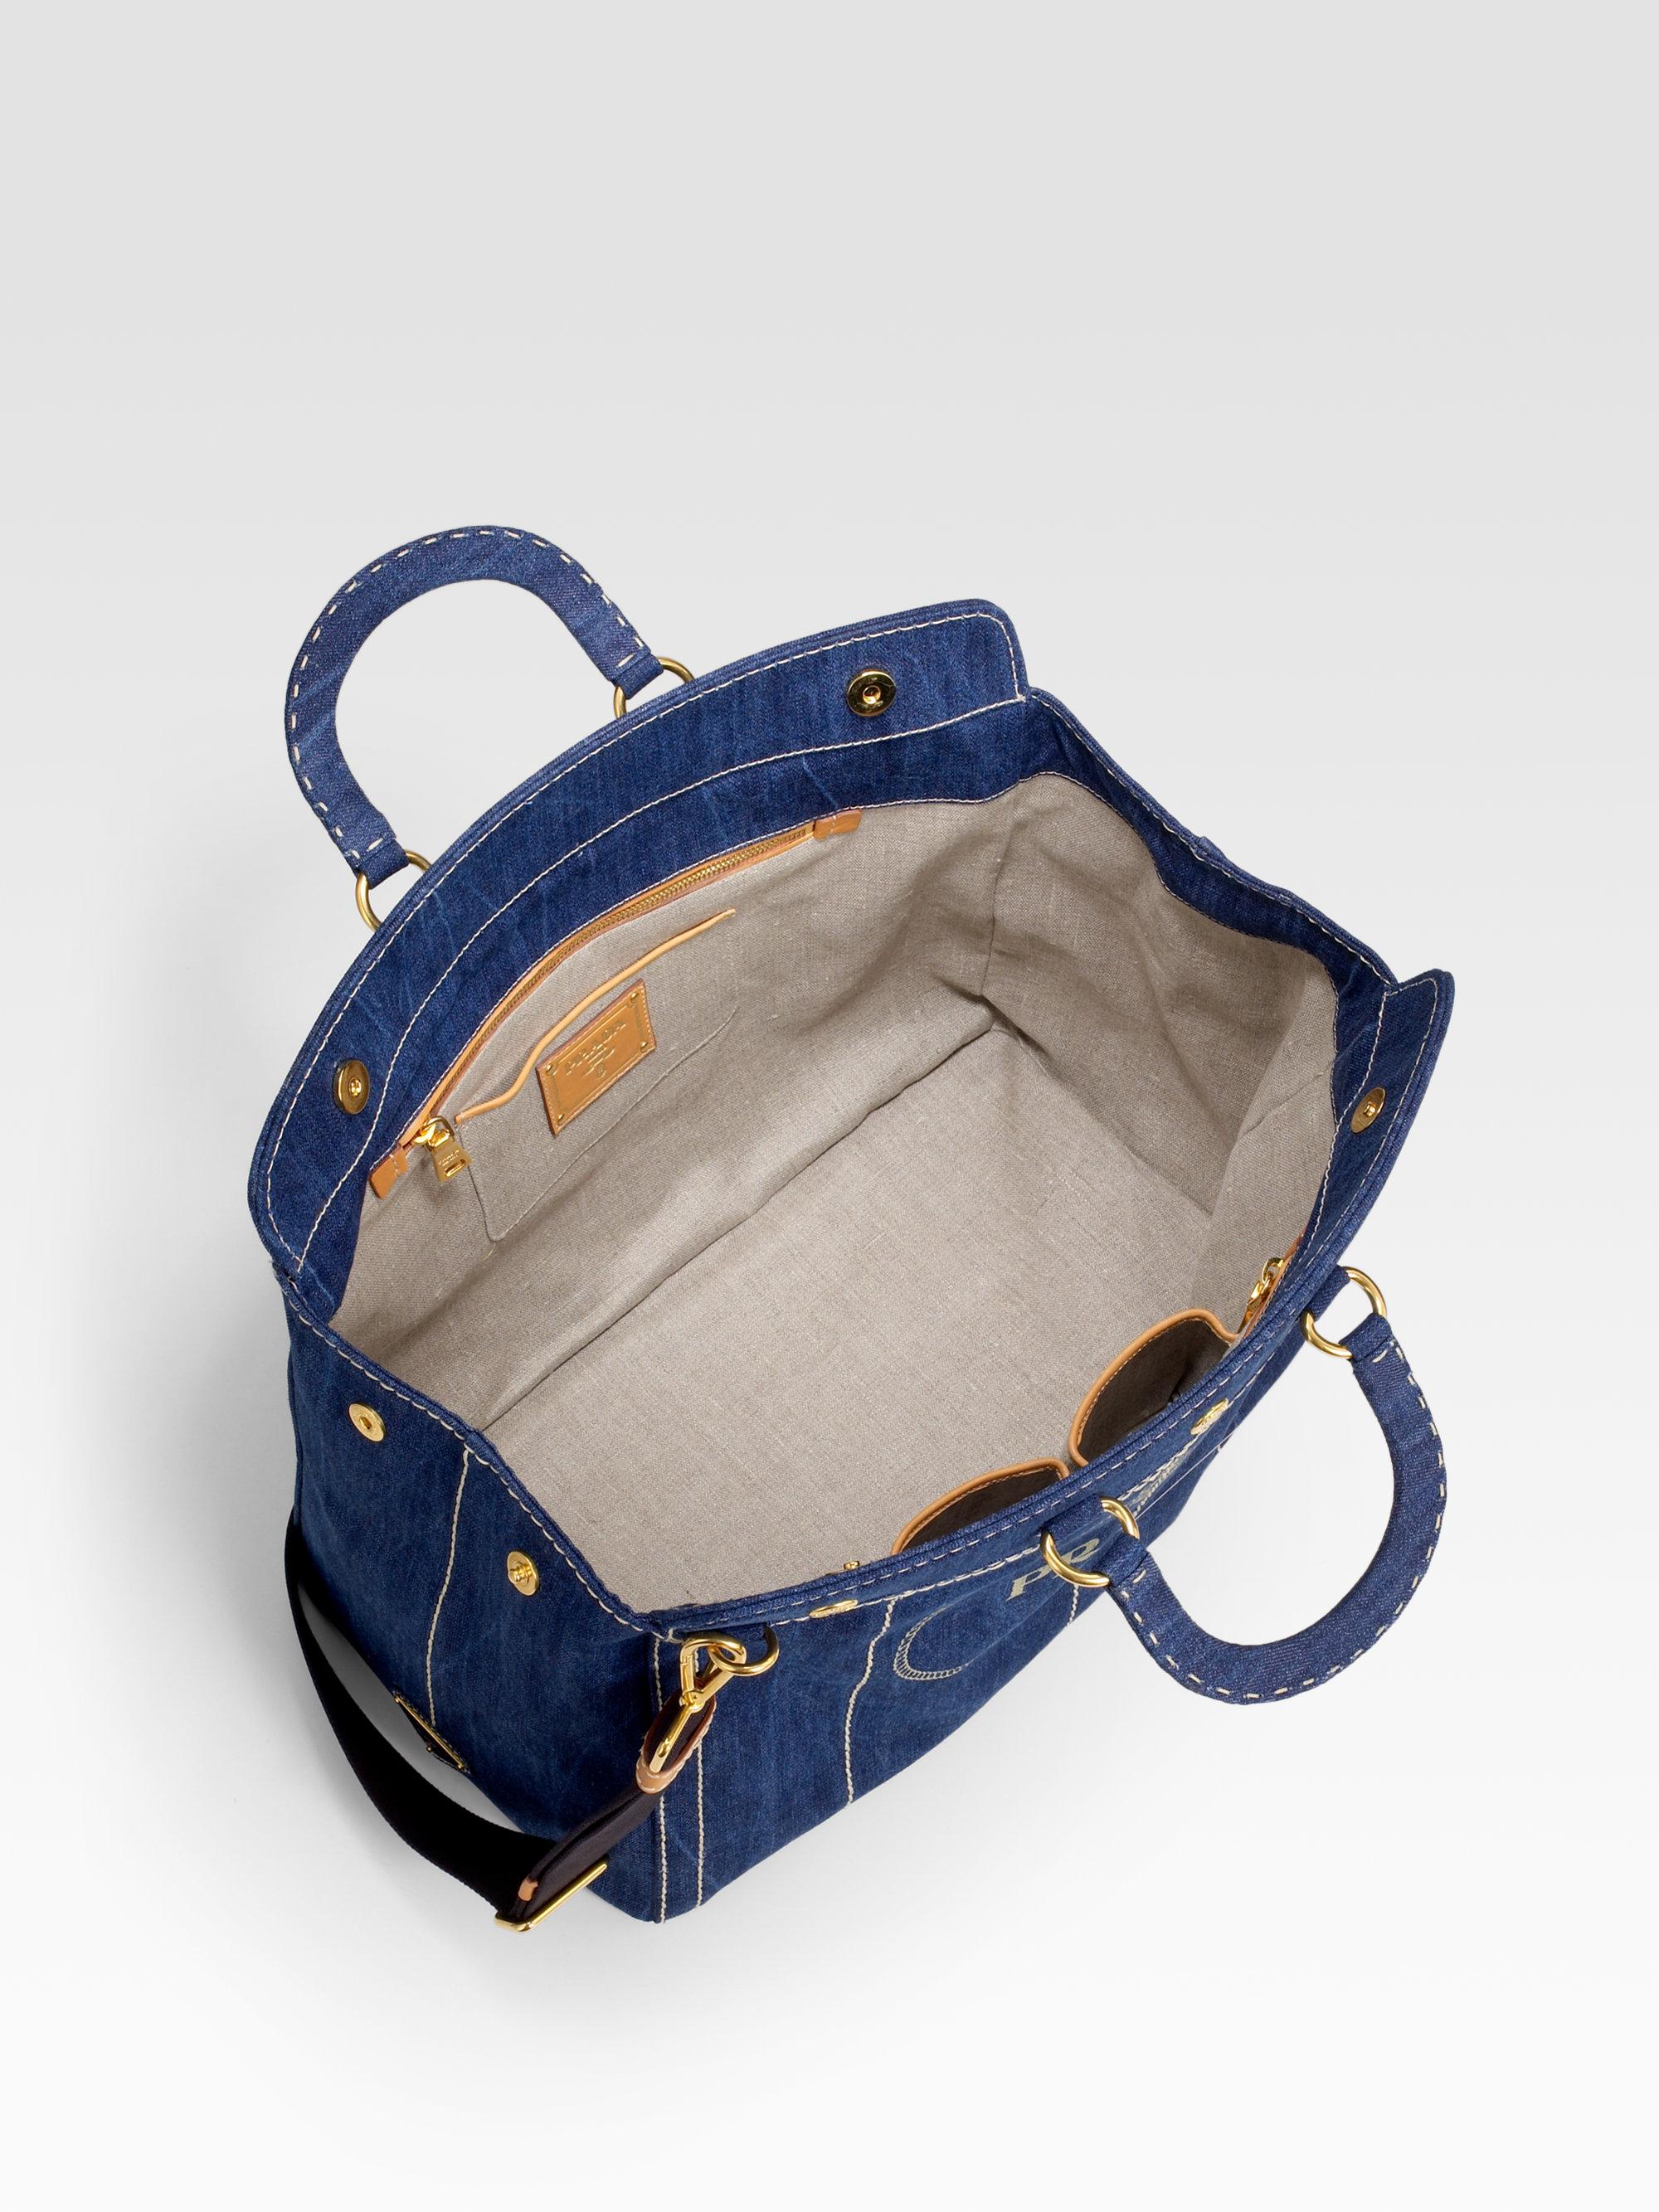 prada black leather tote bag - Prada Logo Denim Top Handle Bag in Blue (denim) | Lyst